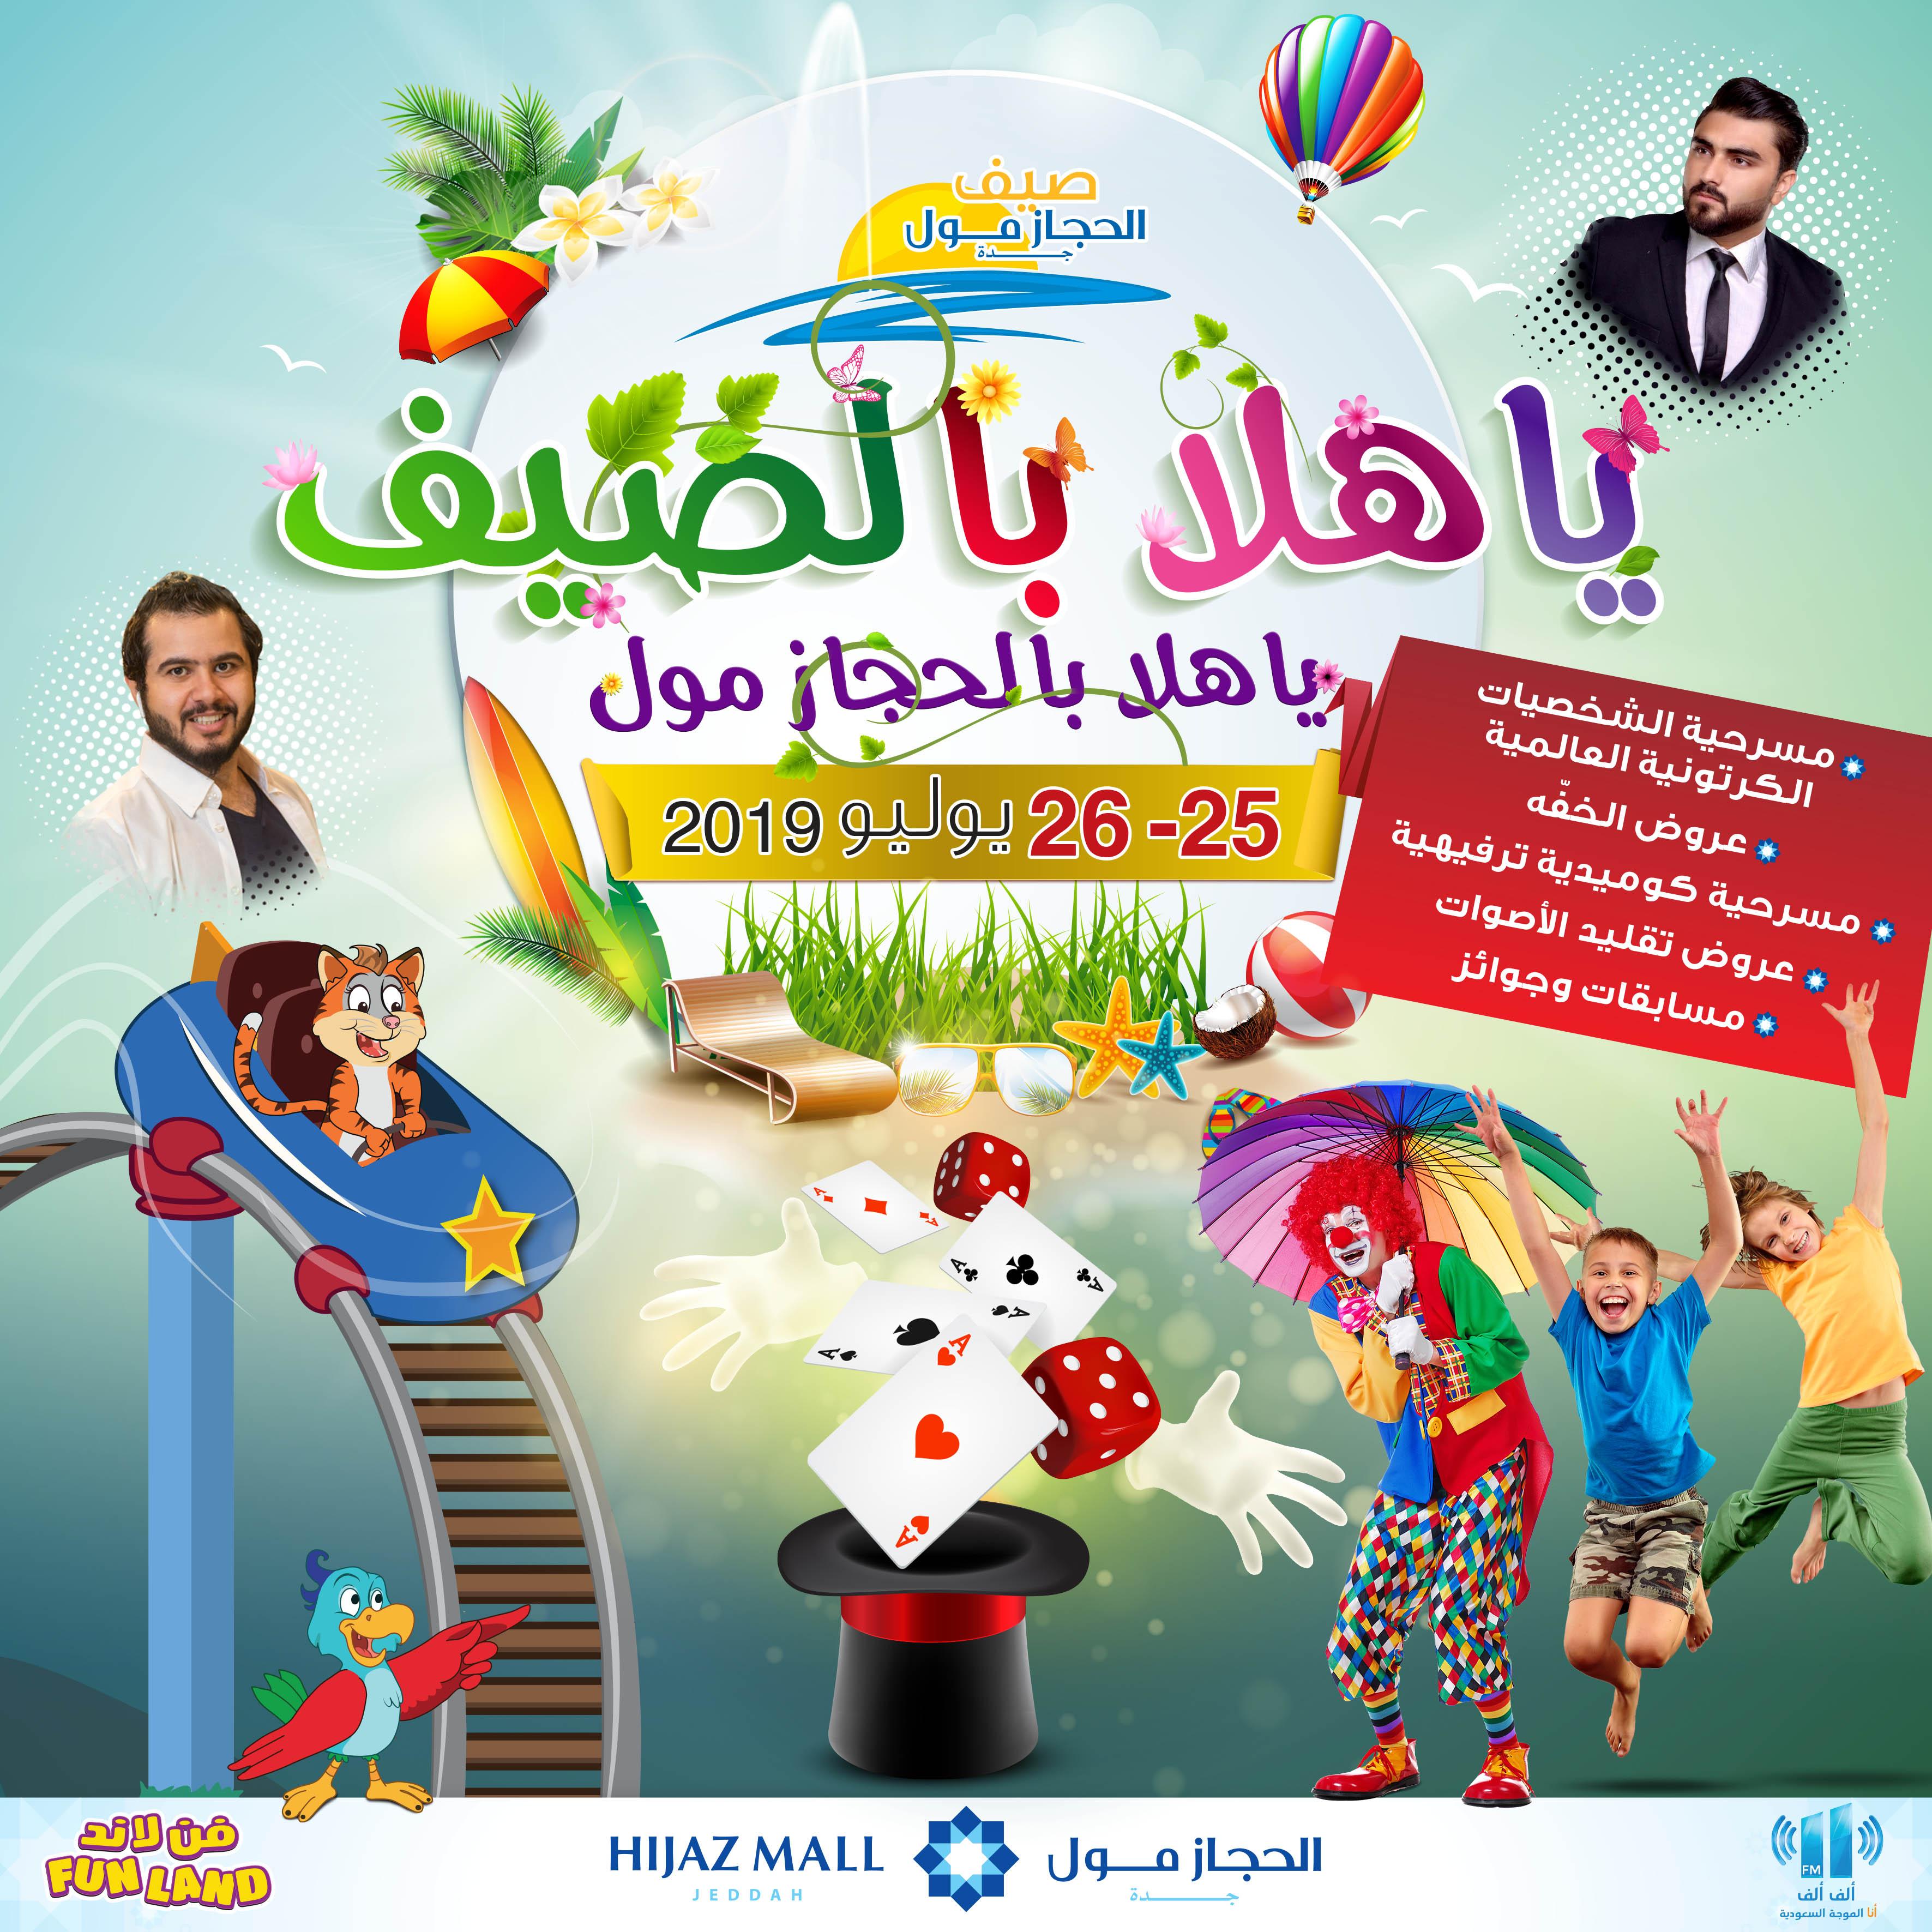 Ya Hala Bl Saif Event 3